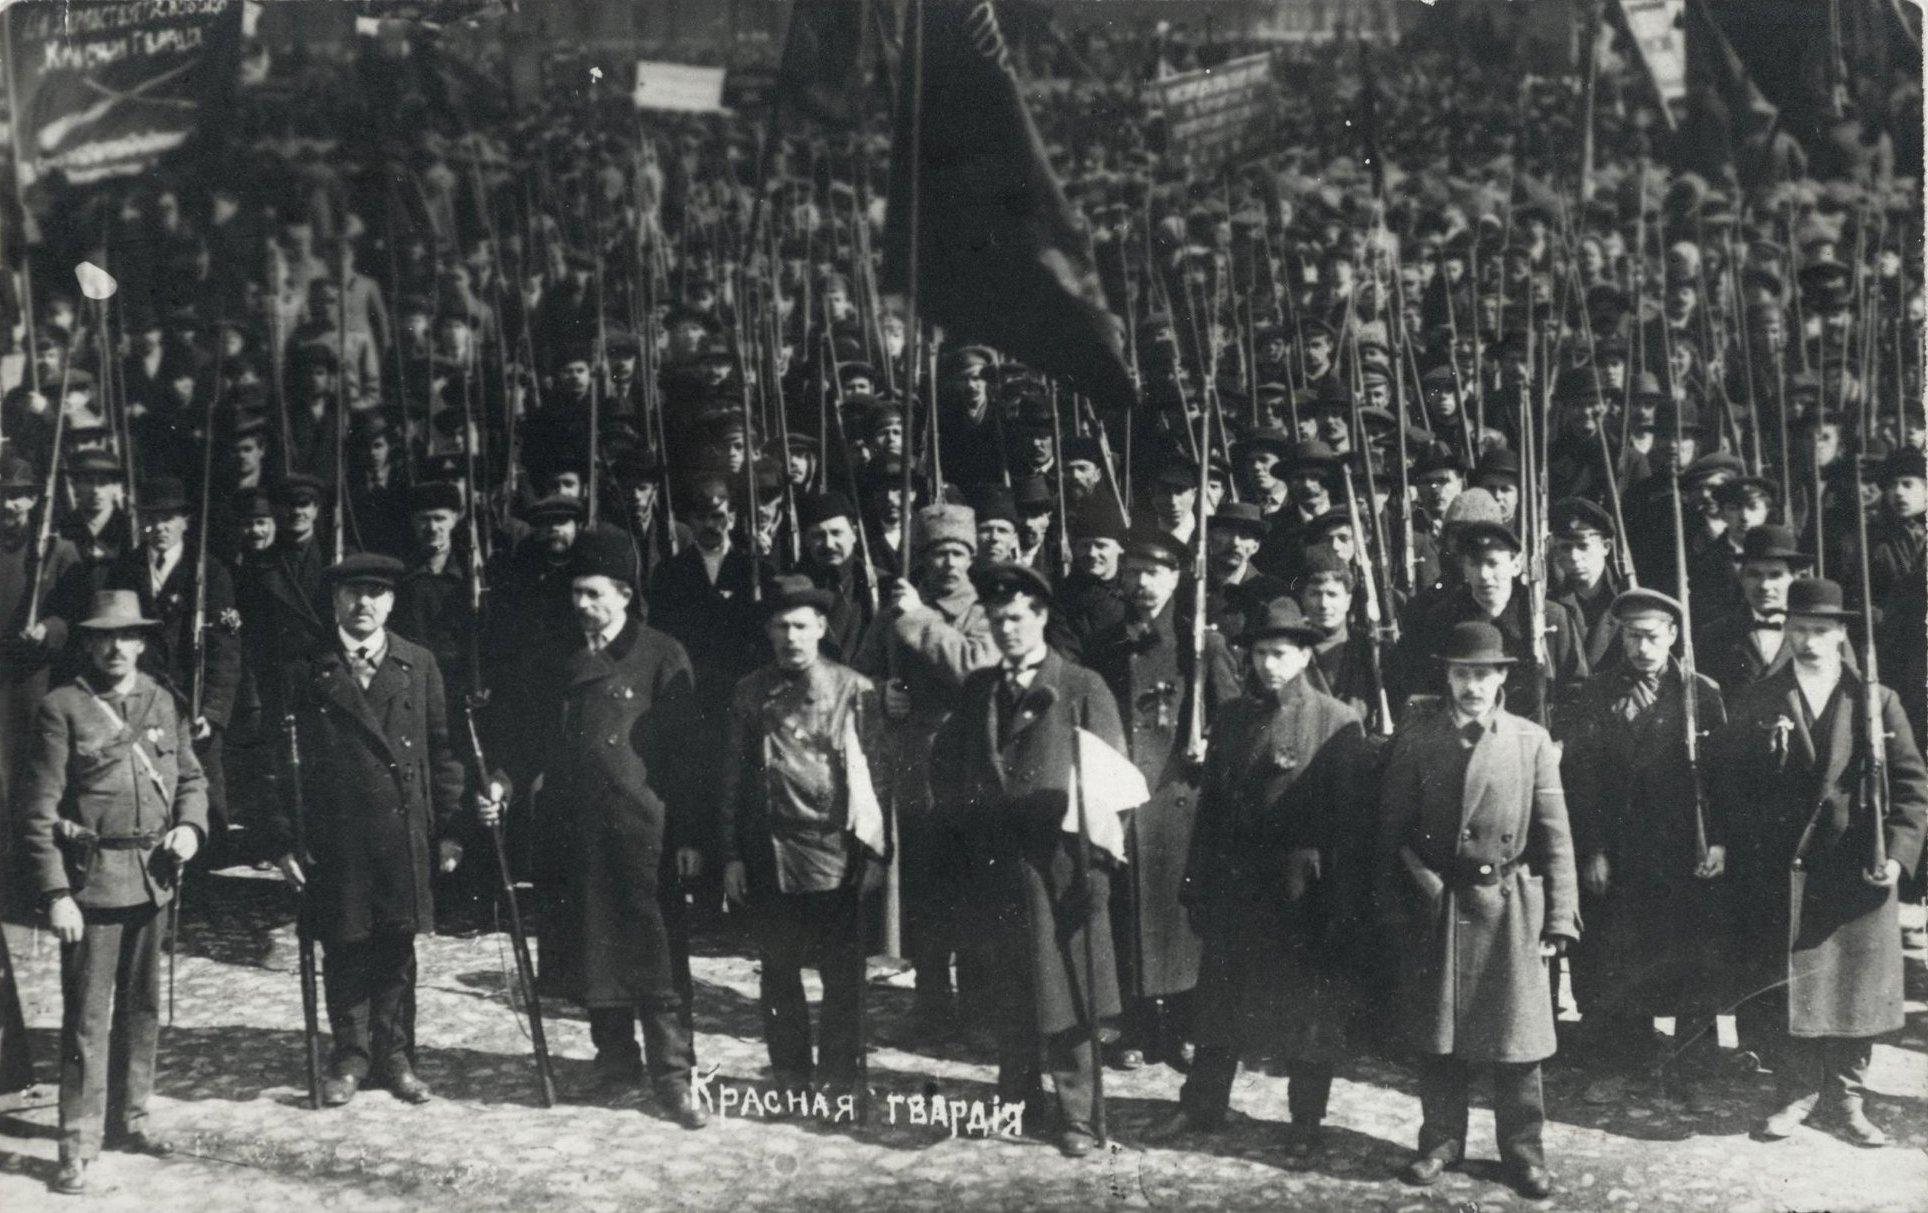 1 мая. Красная гвардия. Петроград.